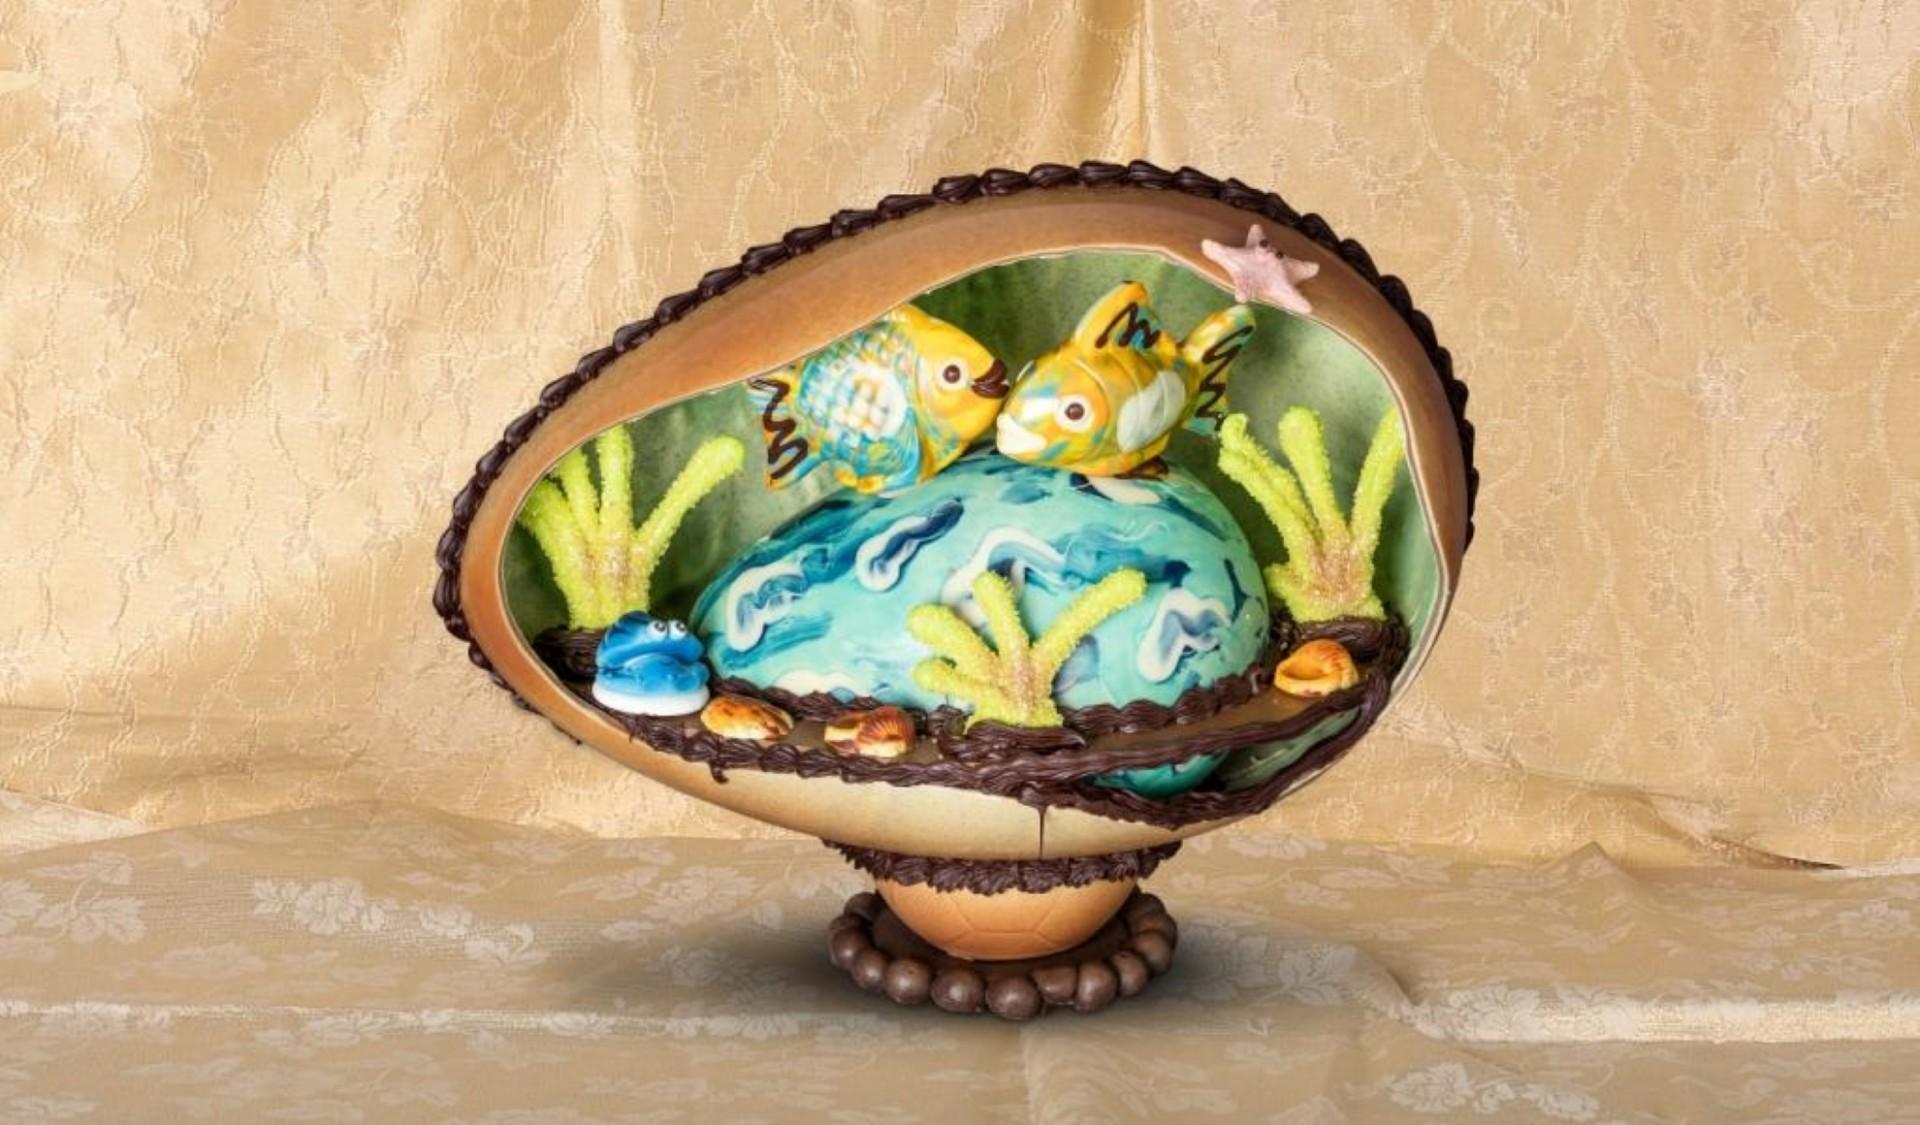 gli-speziali-di-cologna-veneta-uovo-di-cioccolato-pasquale-con-sorpresa-acquario.jpg